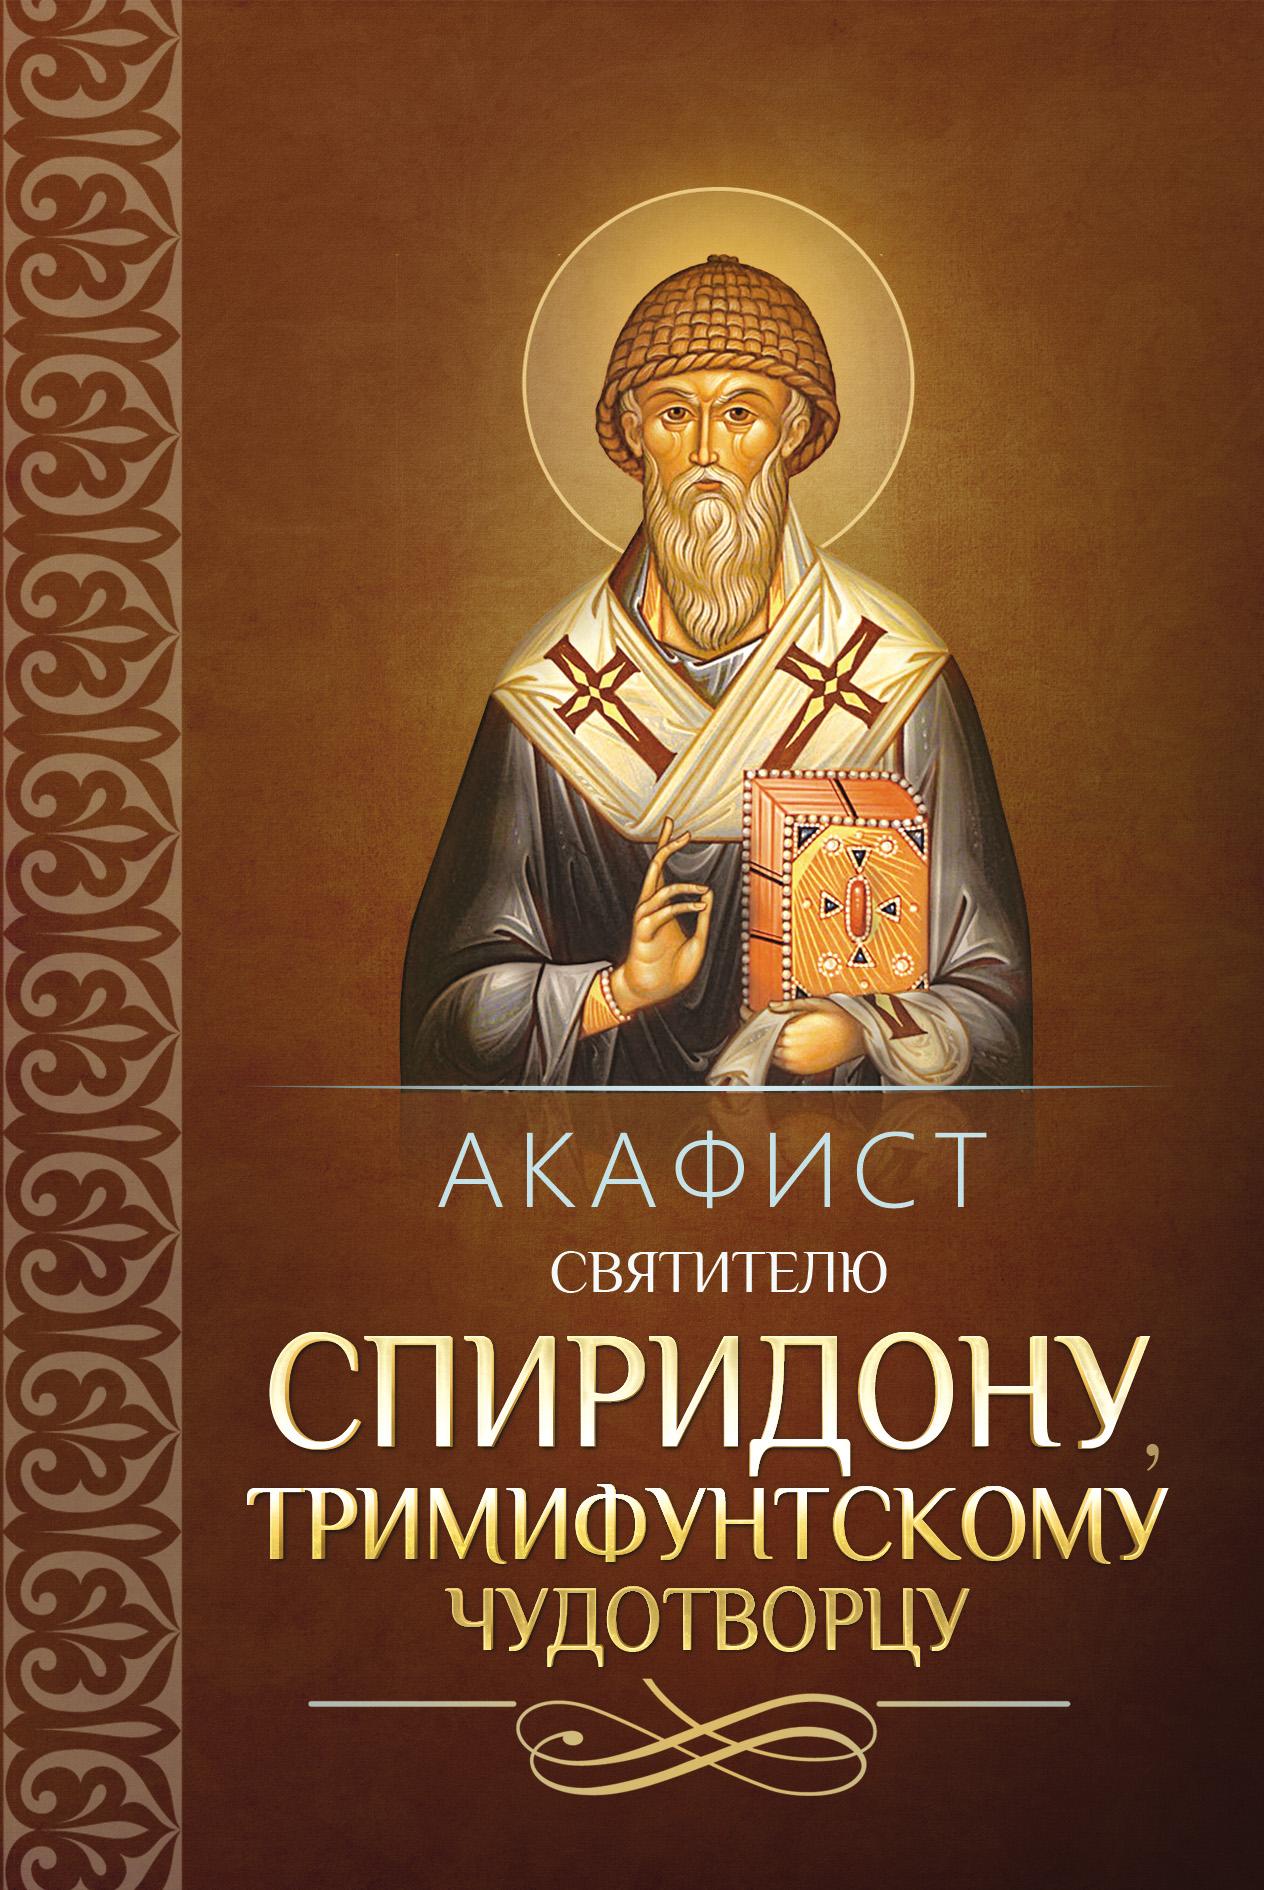 Сборник Акафист святителю Спиридону, Тримифунтскому чудотворцу акафист с житием святому равноапостольному великому князю владимиру